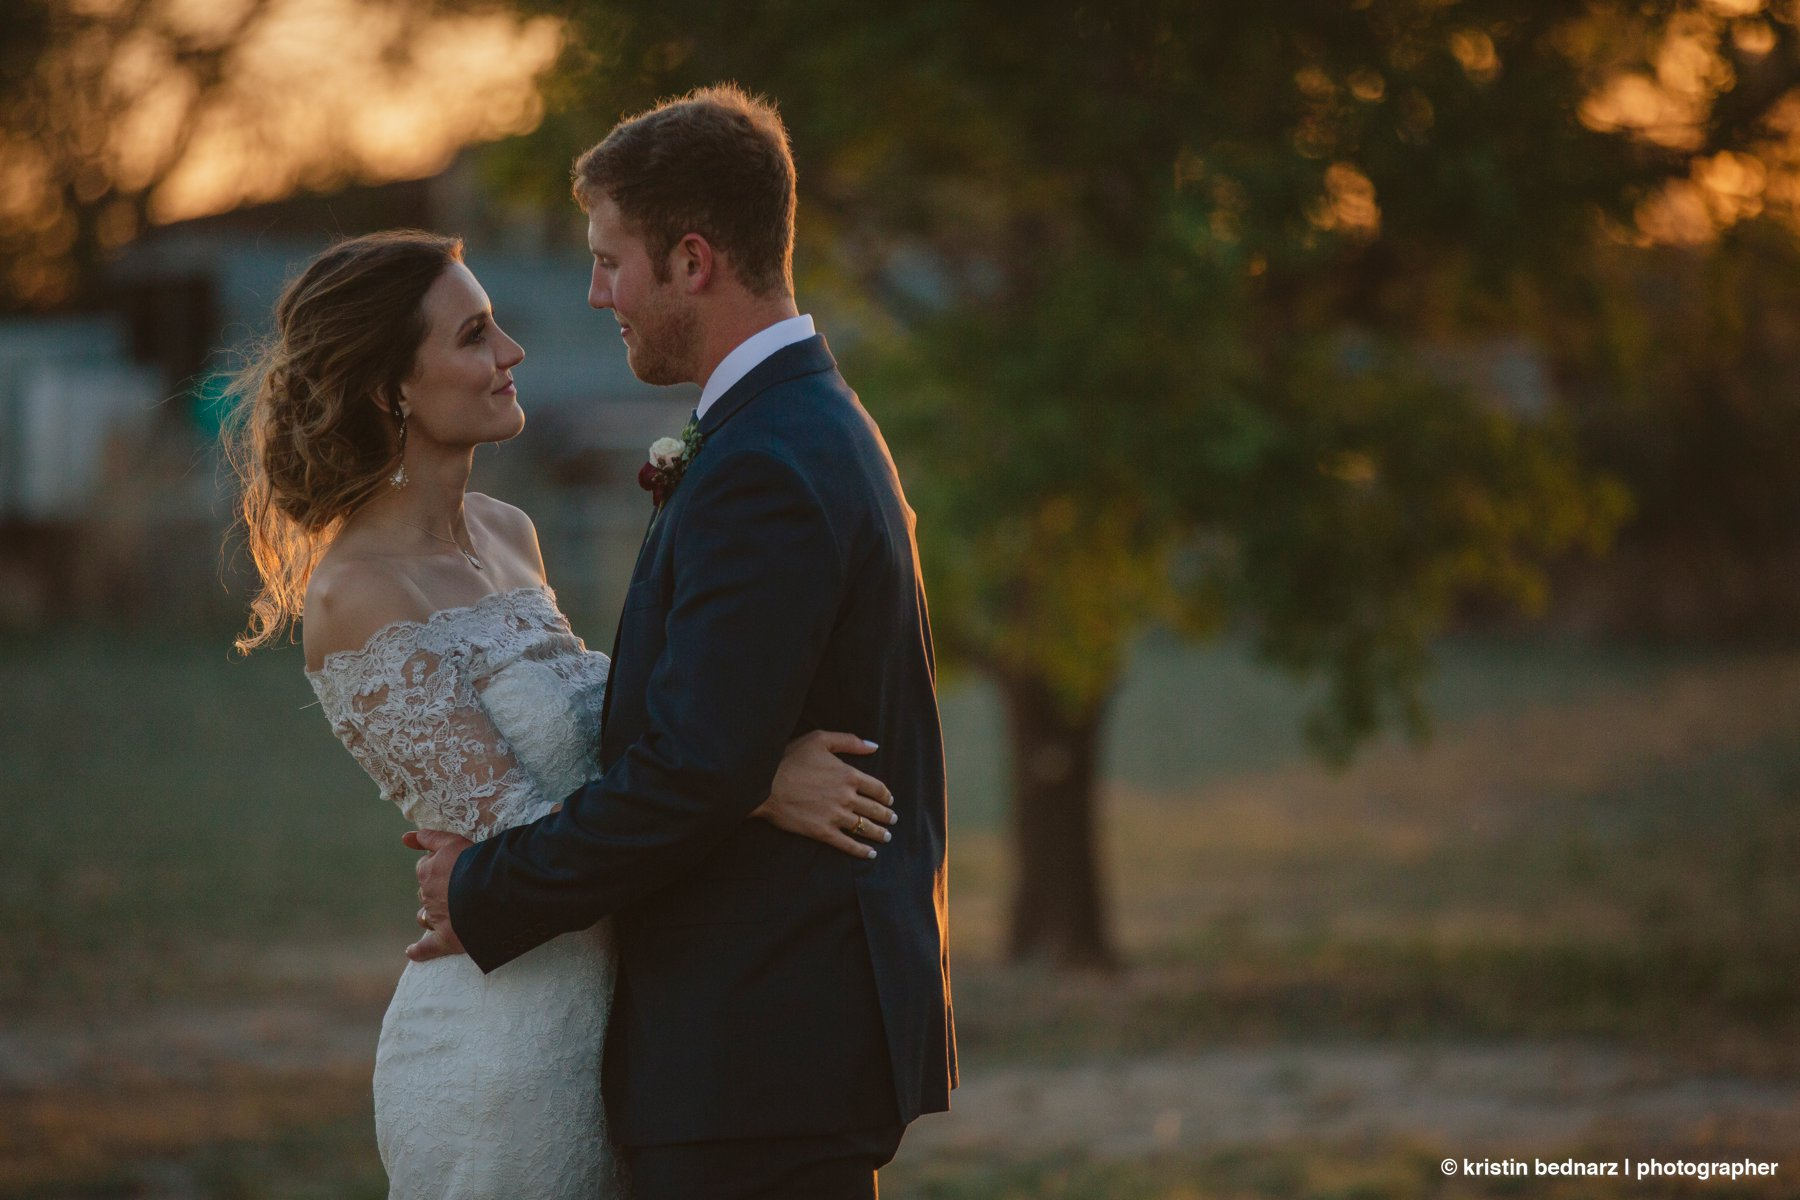 Krisitin_Bednarz_Lubbock_Wedding_Photographer_20180602_0079.JPG